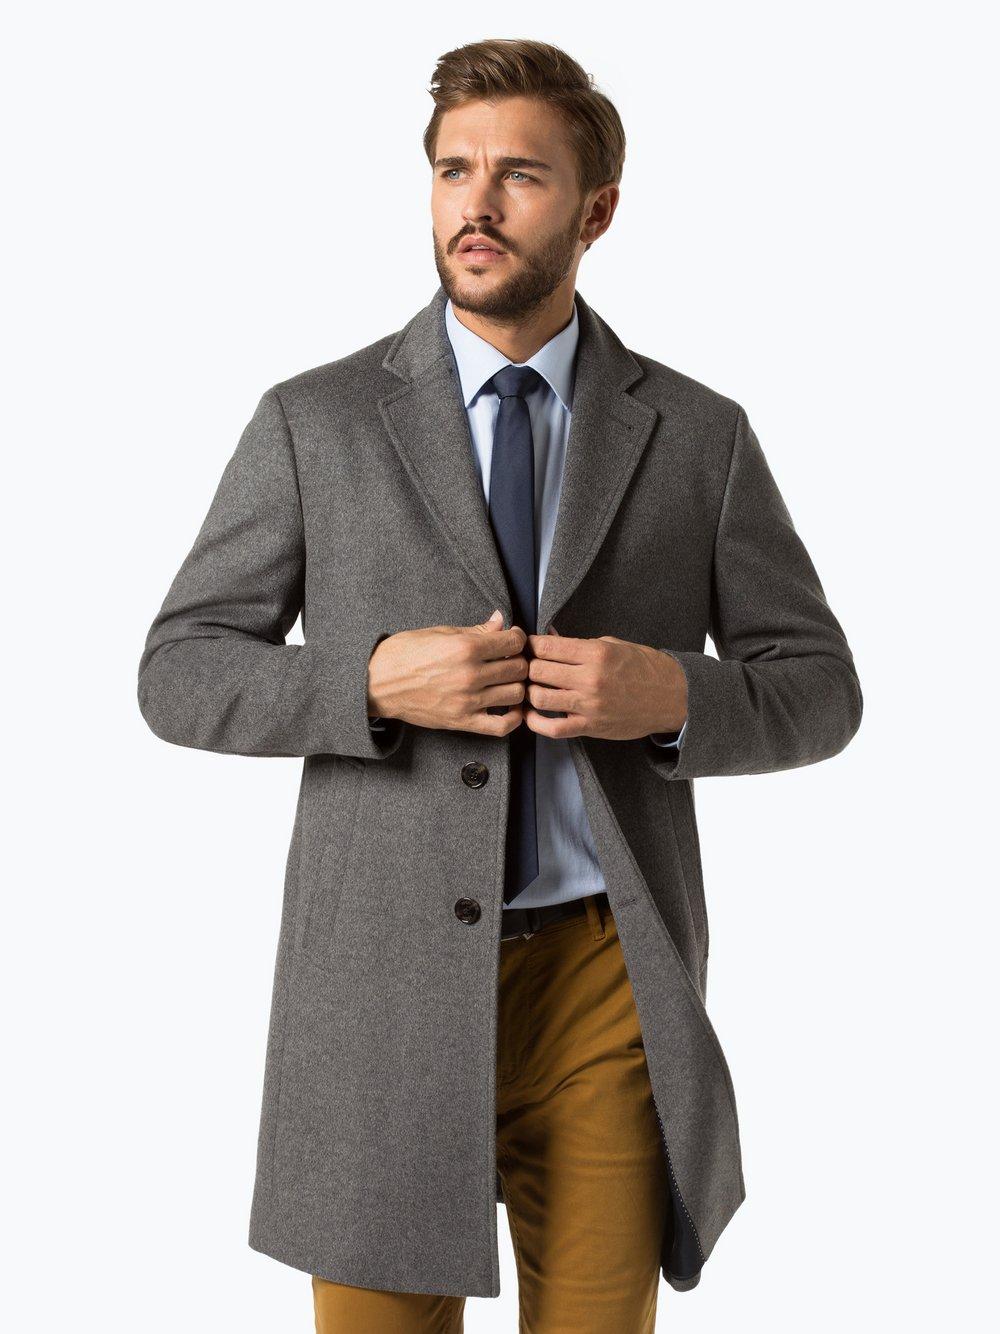 joop herren mantel mit cashmere anteil mariso online kaufen peek  joop herren mantel mit cashmere anteil mariso 0